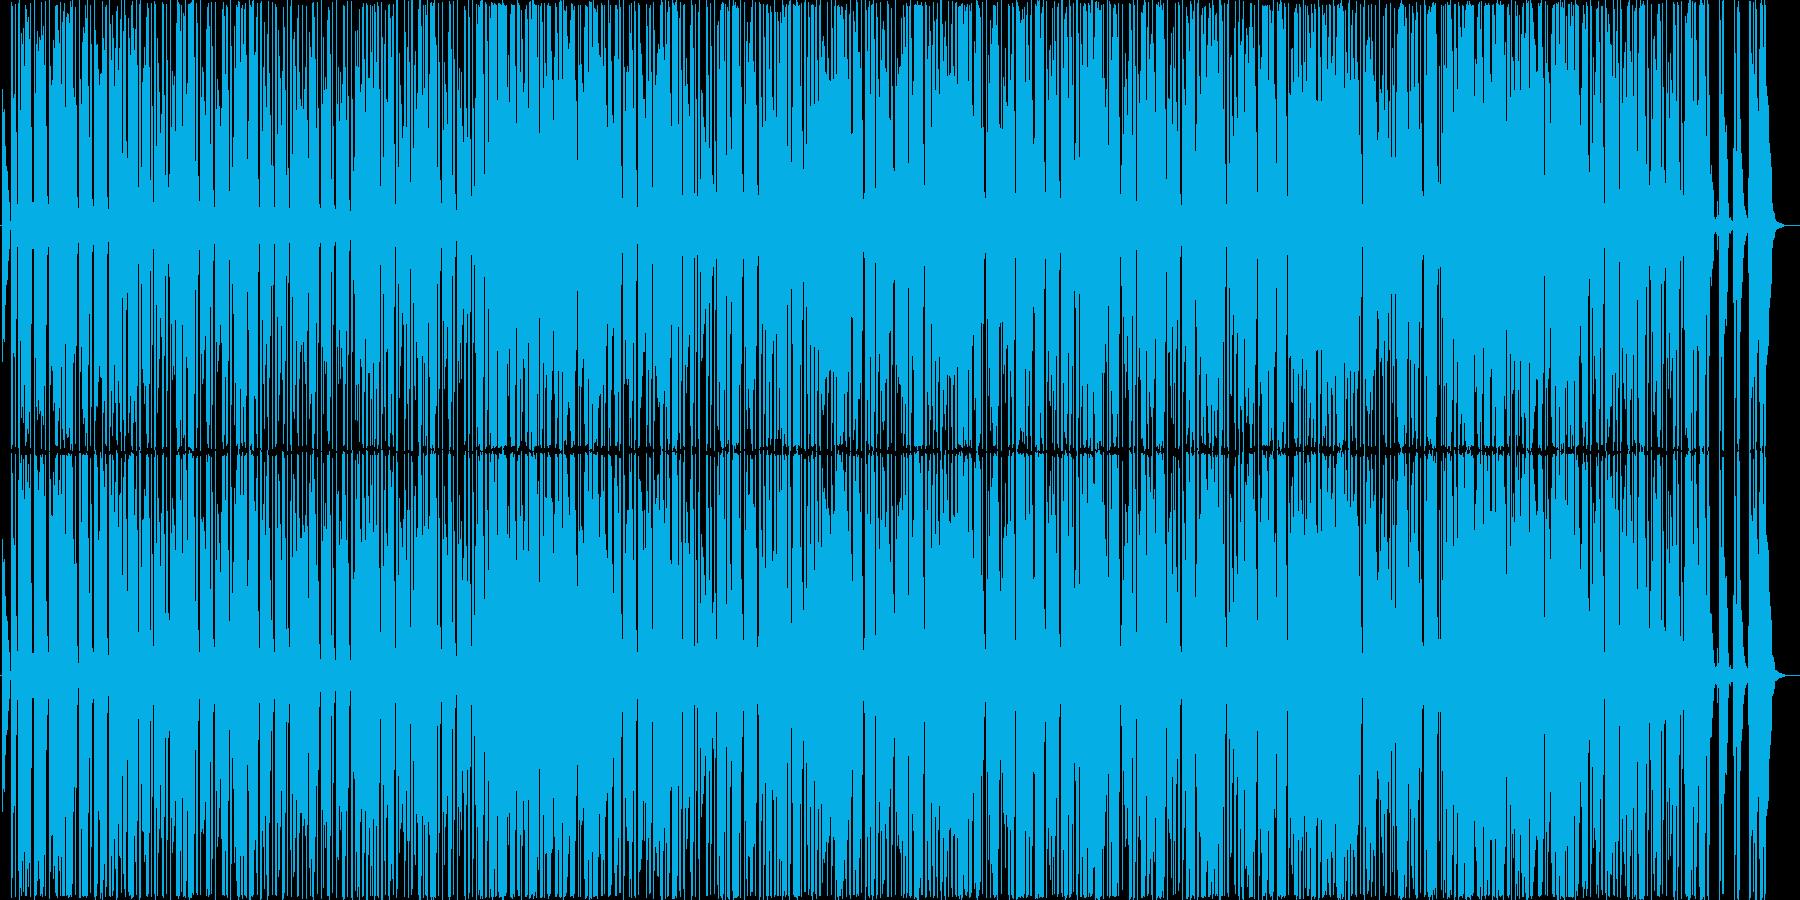 キャッチーなメロディが特徴なサウンドの再生済みの波形